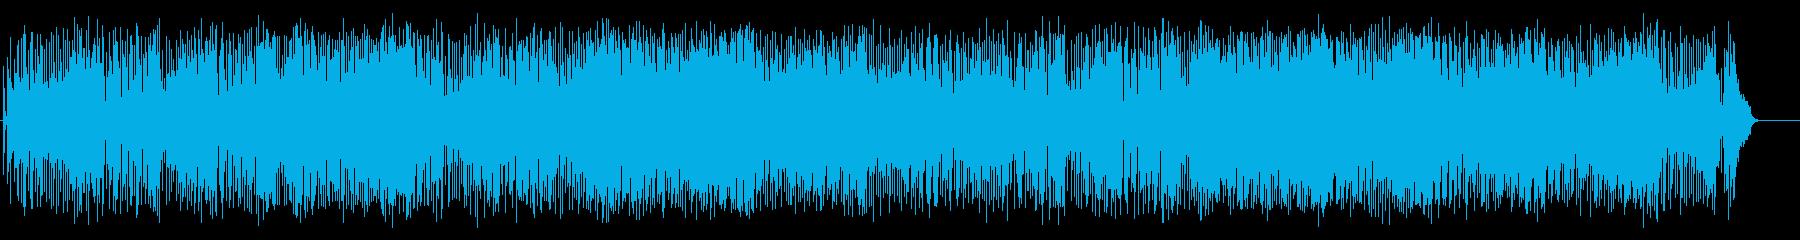 昼下がりの洋風ポップス(フルサイズ)の再生済みの波形